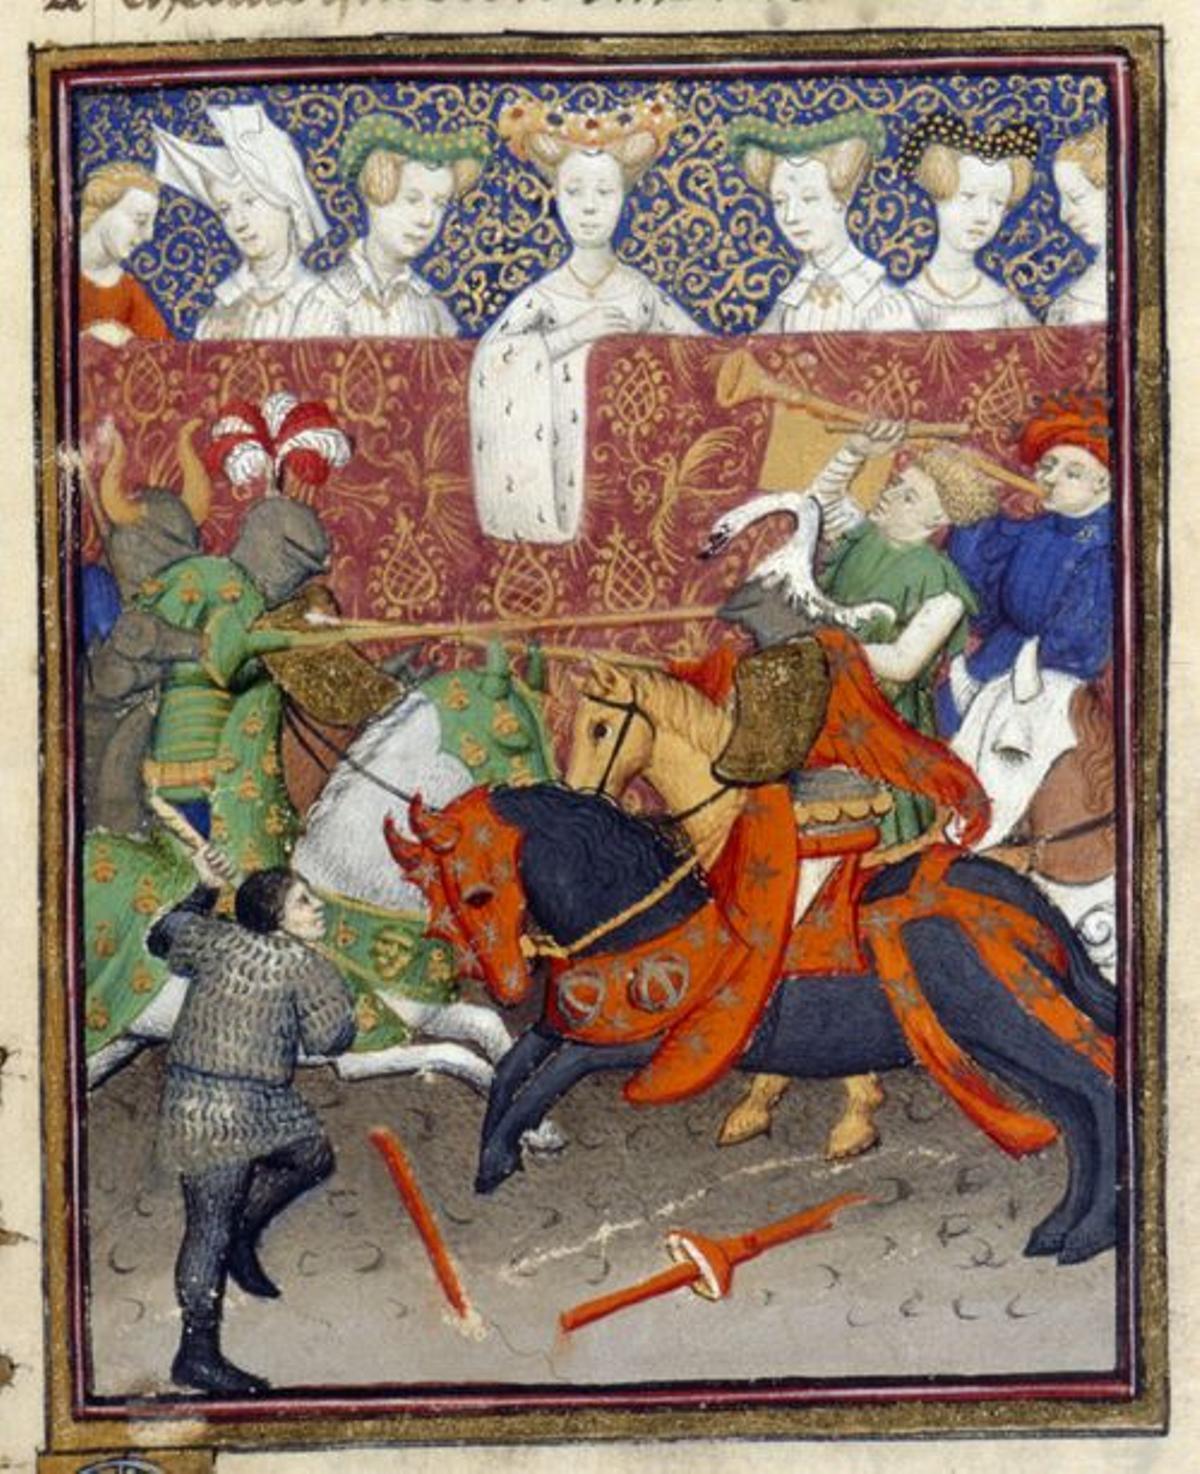 Escena de una justa del 'Libro de la reina' de Christine de Pizan.